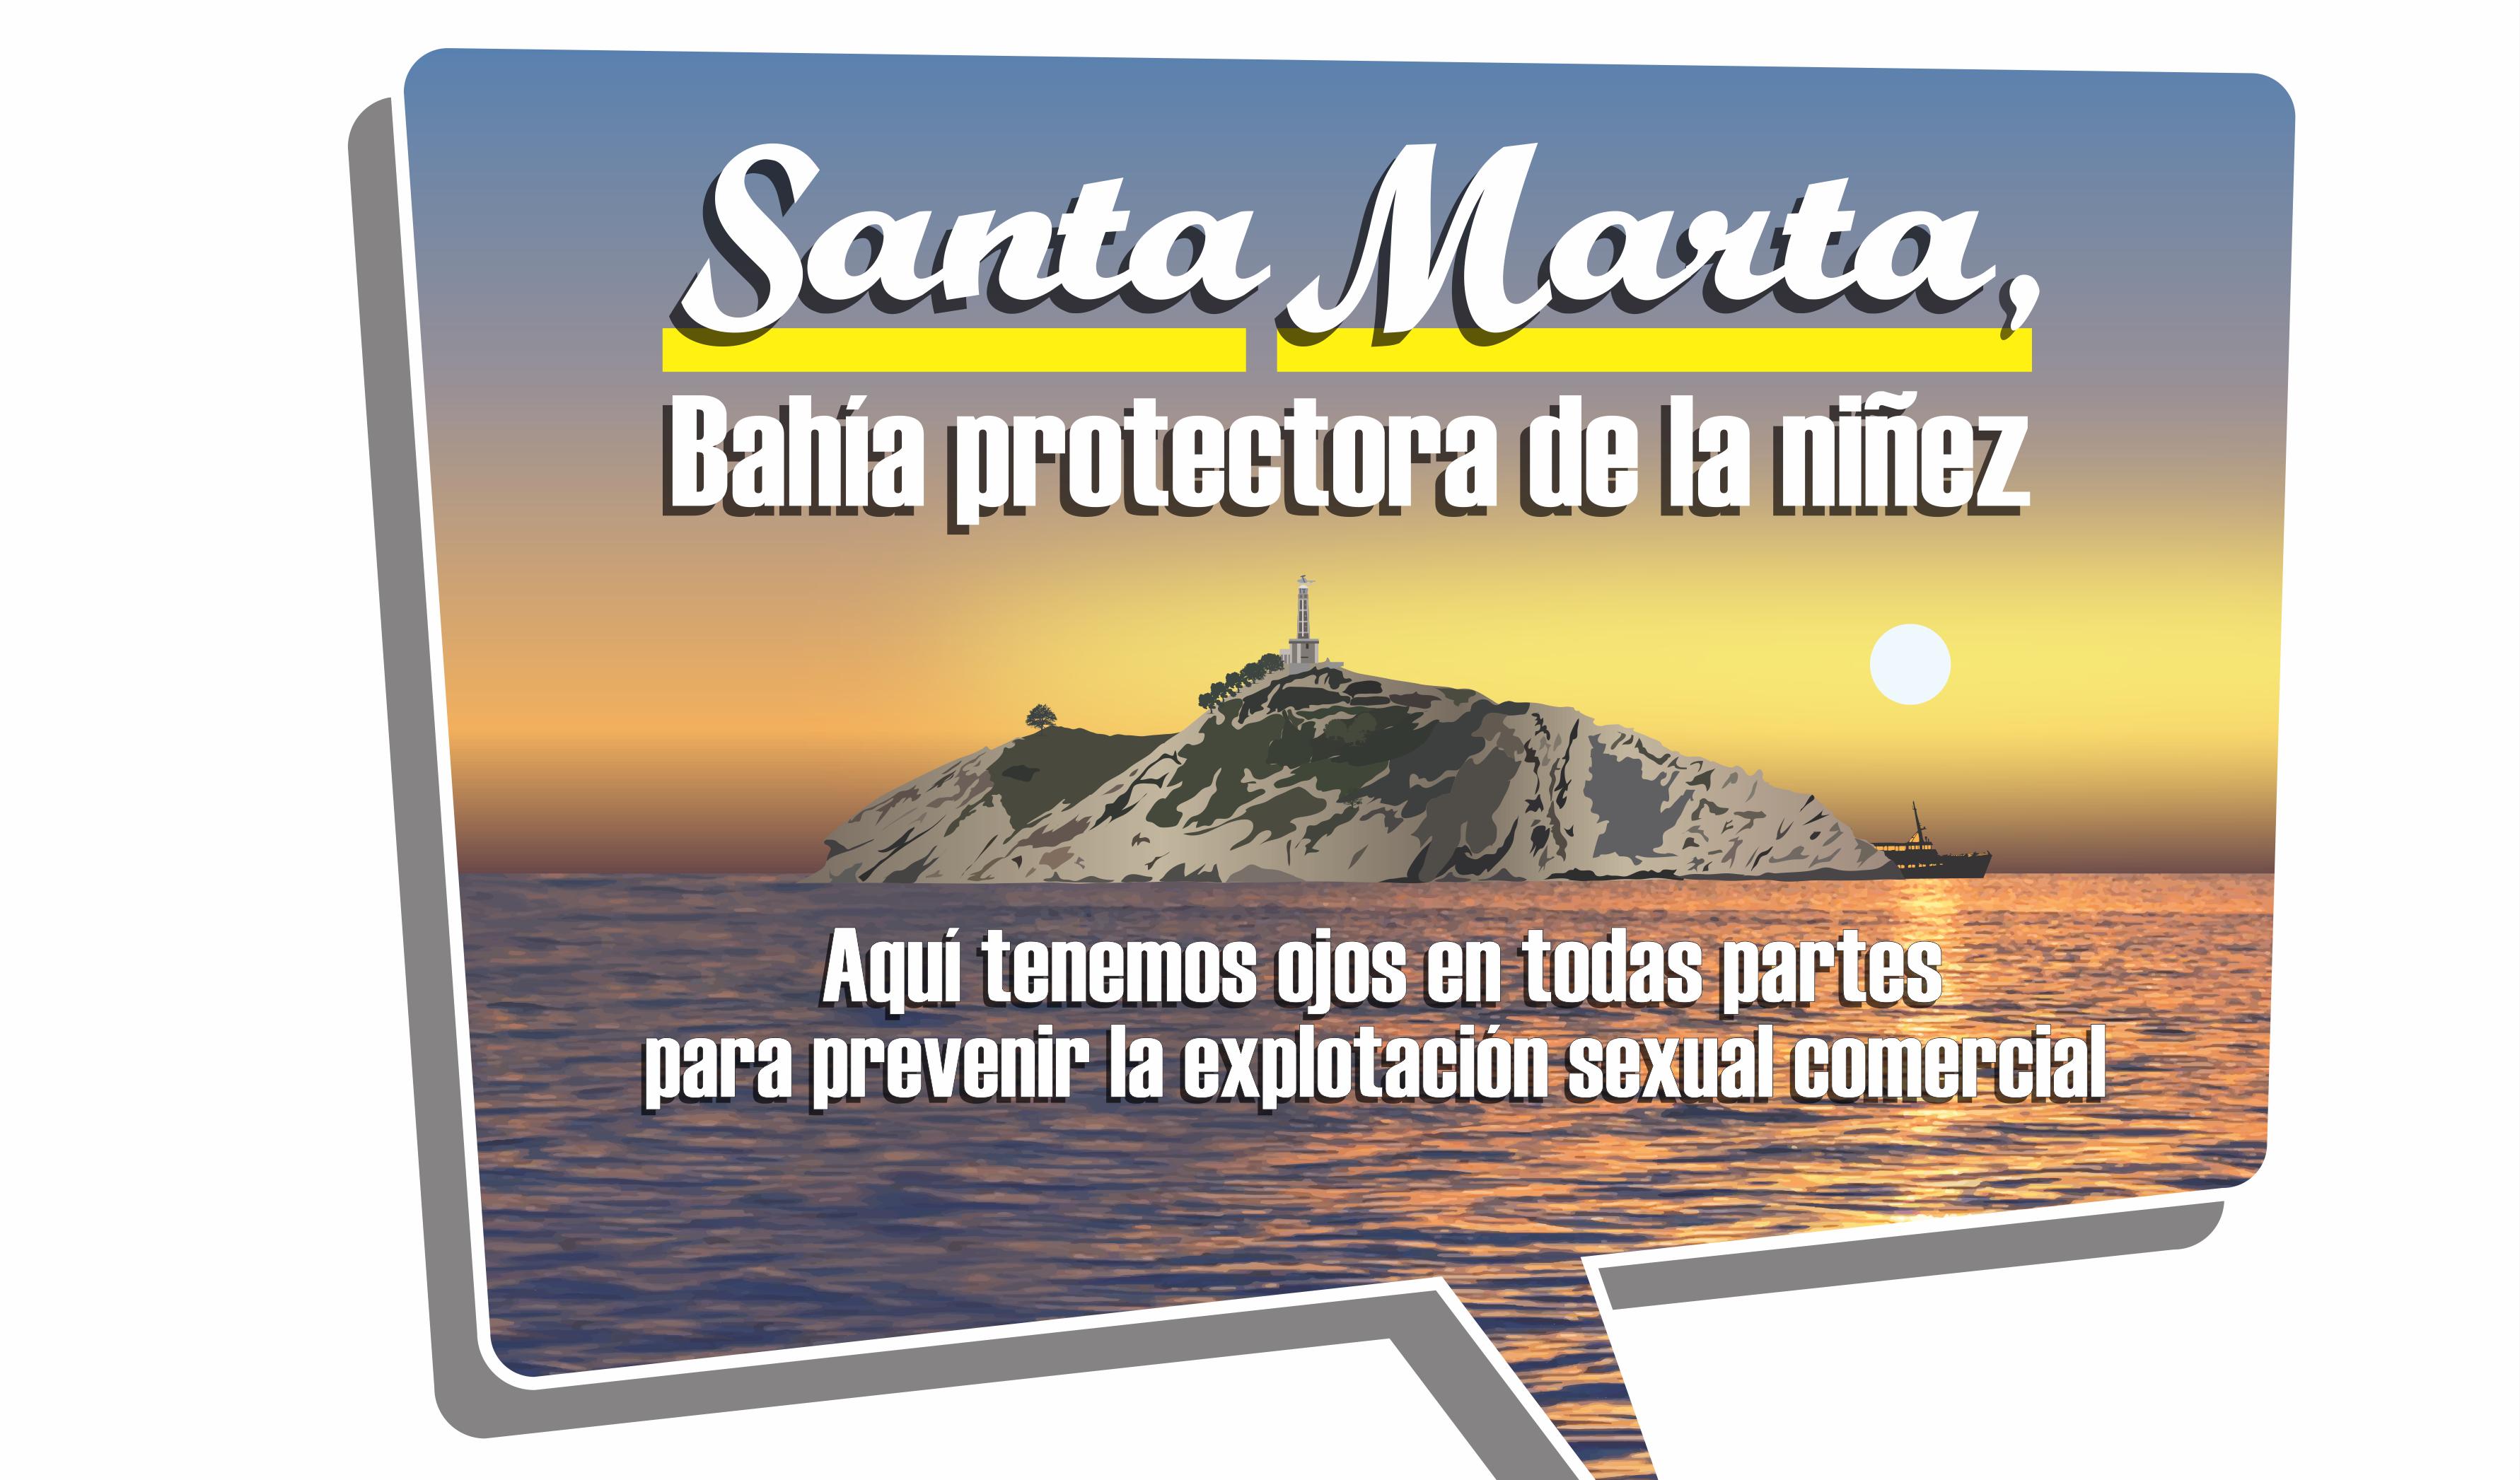 400 colaboradores del sector turístico de Santa Marta, fueron capacitados en alianza con Indetur.